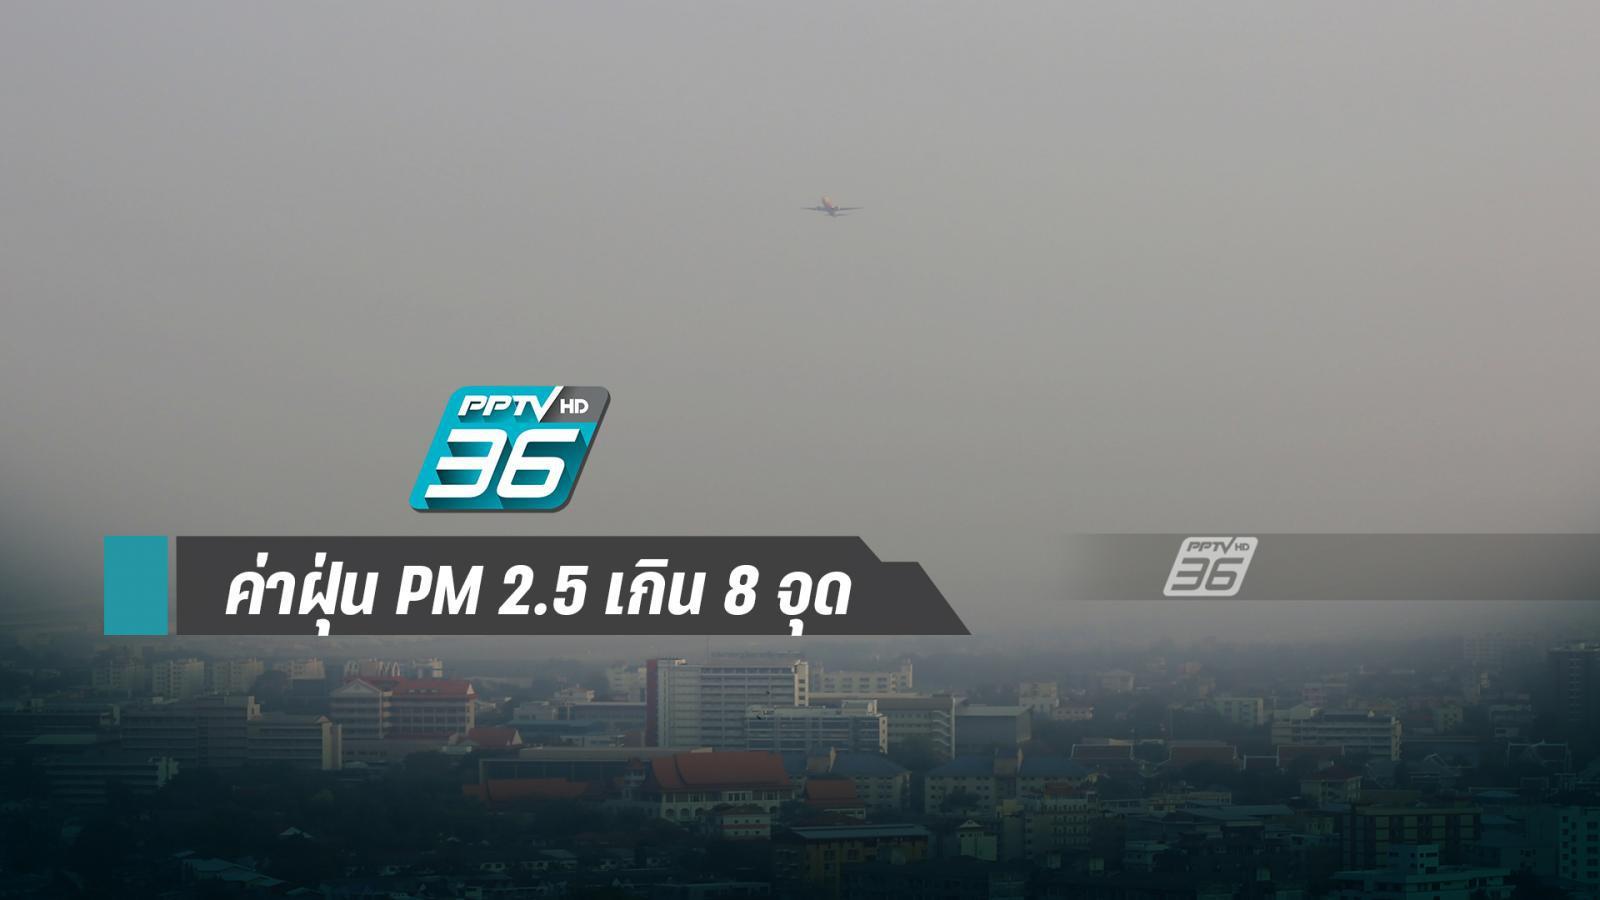 ค่าฝุ่น PM 2.5 ใน กทม. เกินมาตรฐาน 8 จุด